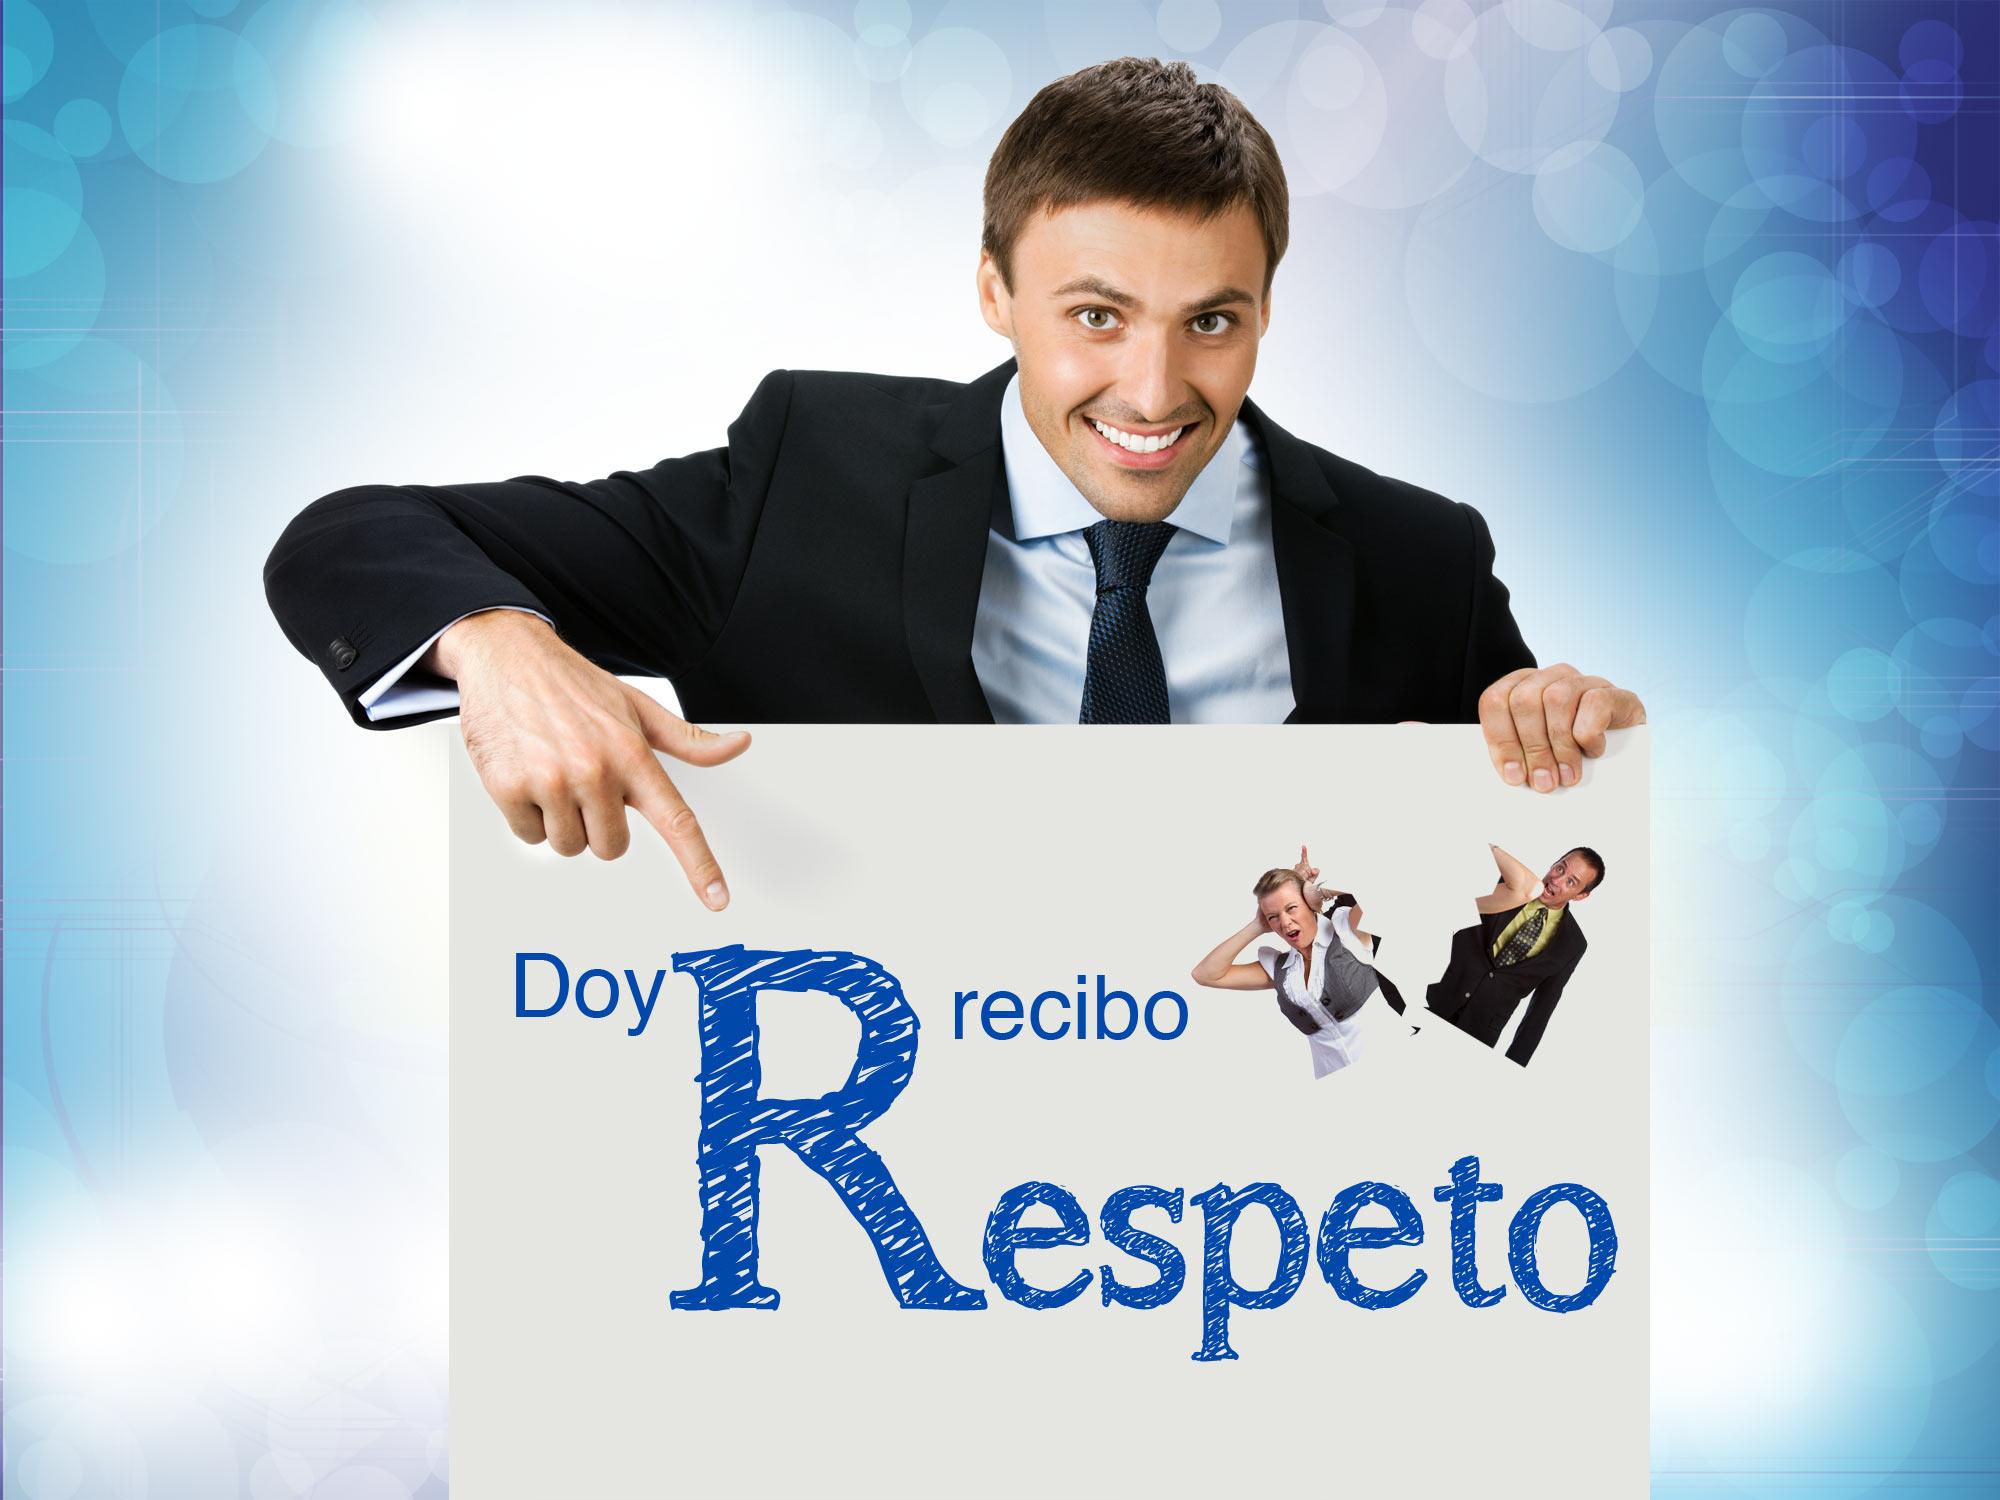 Doy respeto, recibo respeto